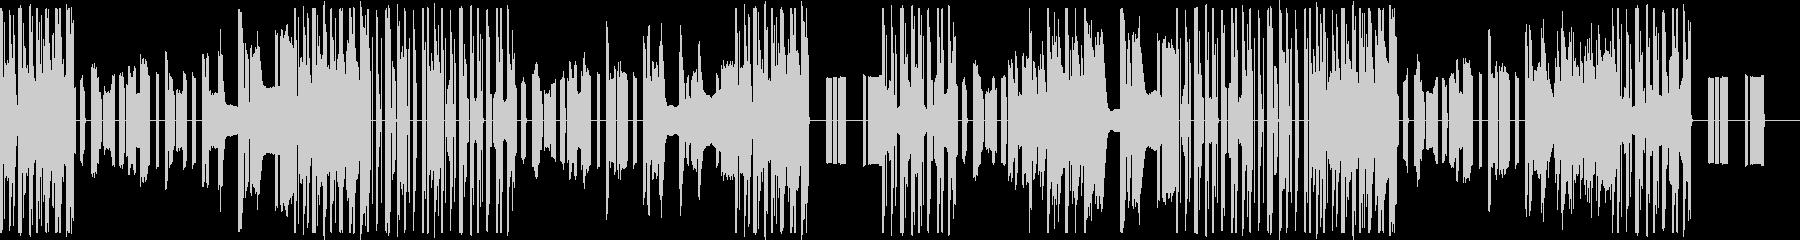 機械的な音楽ですの未再生の波形